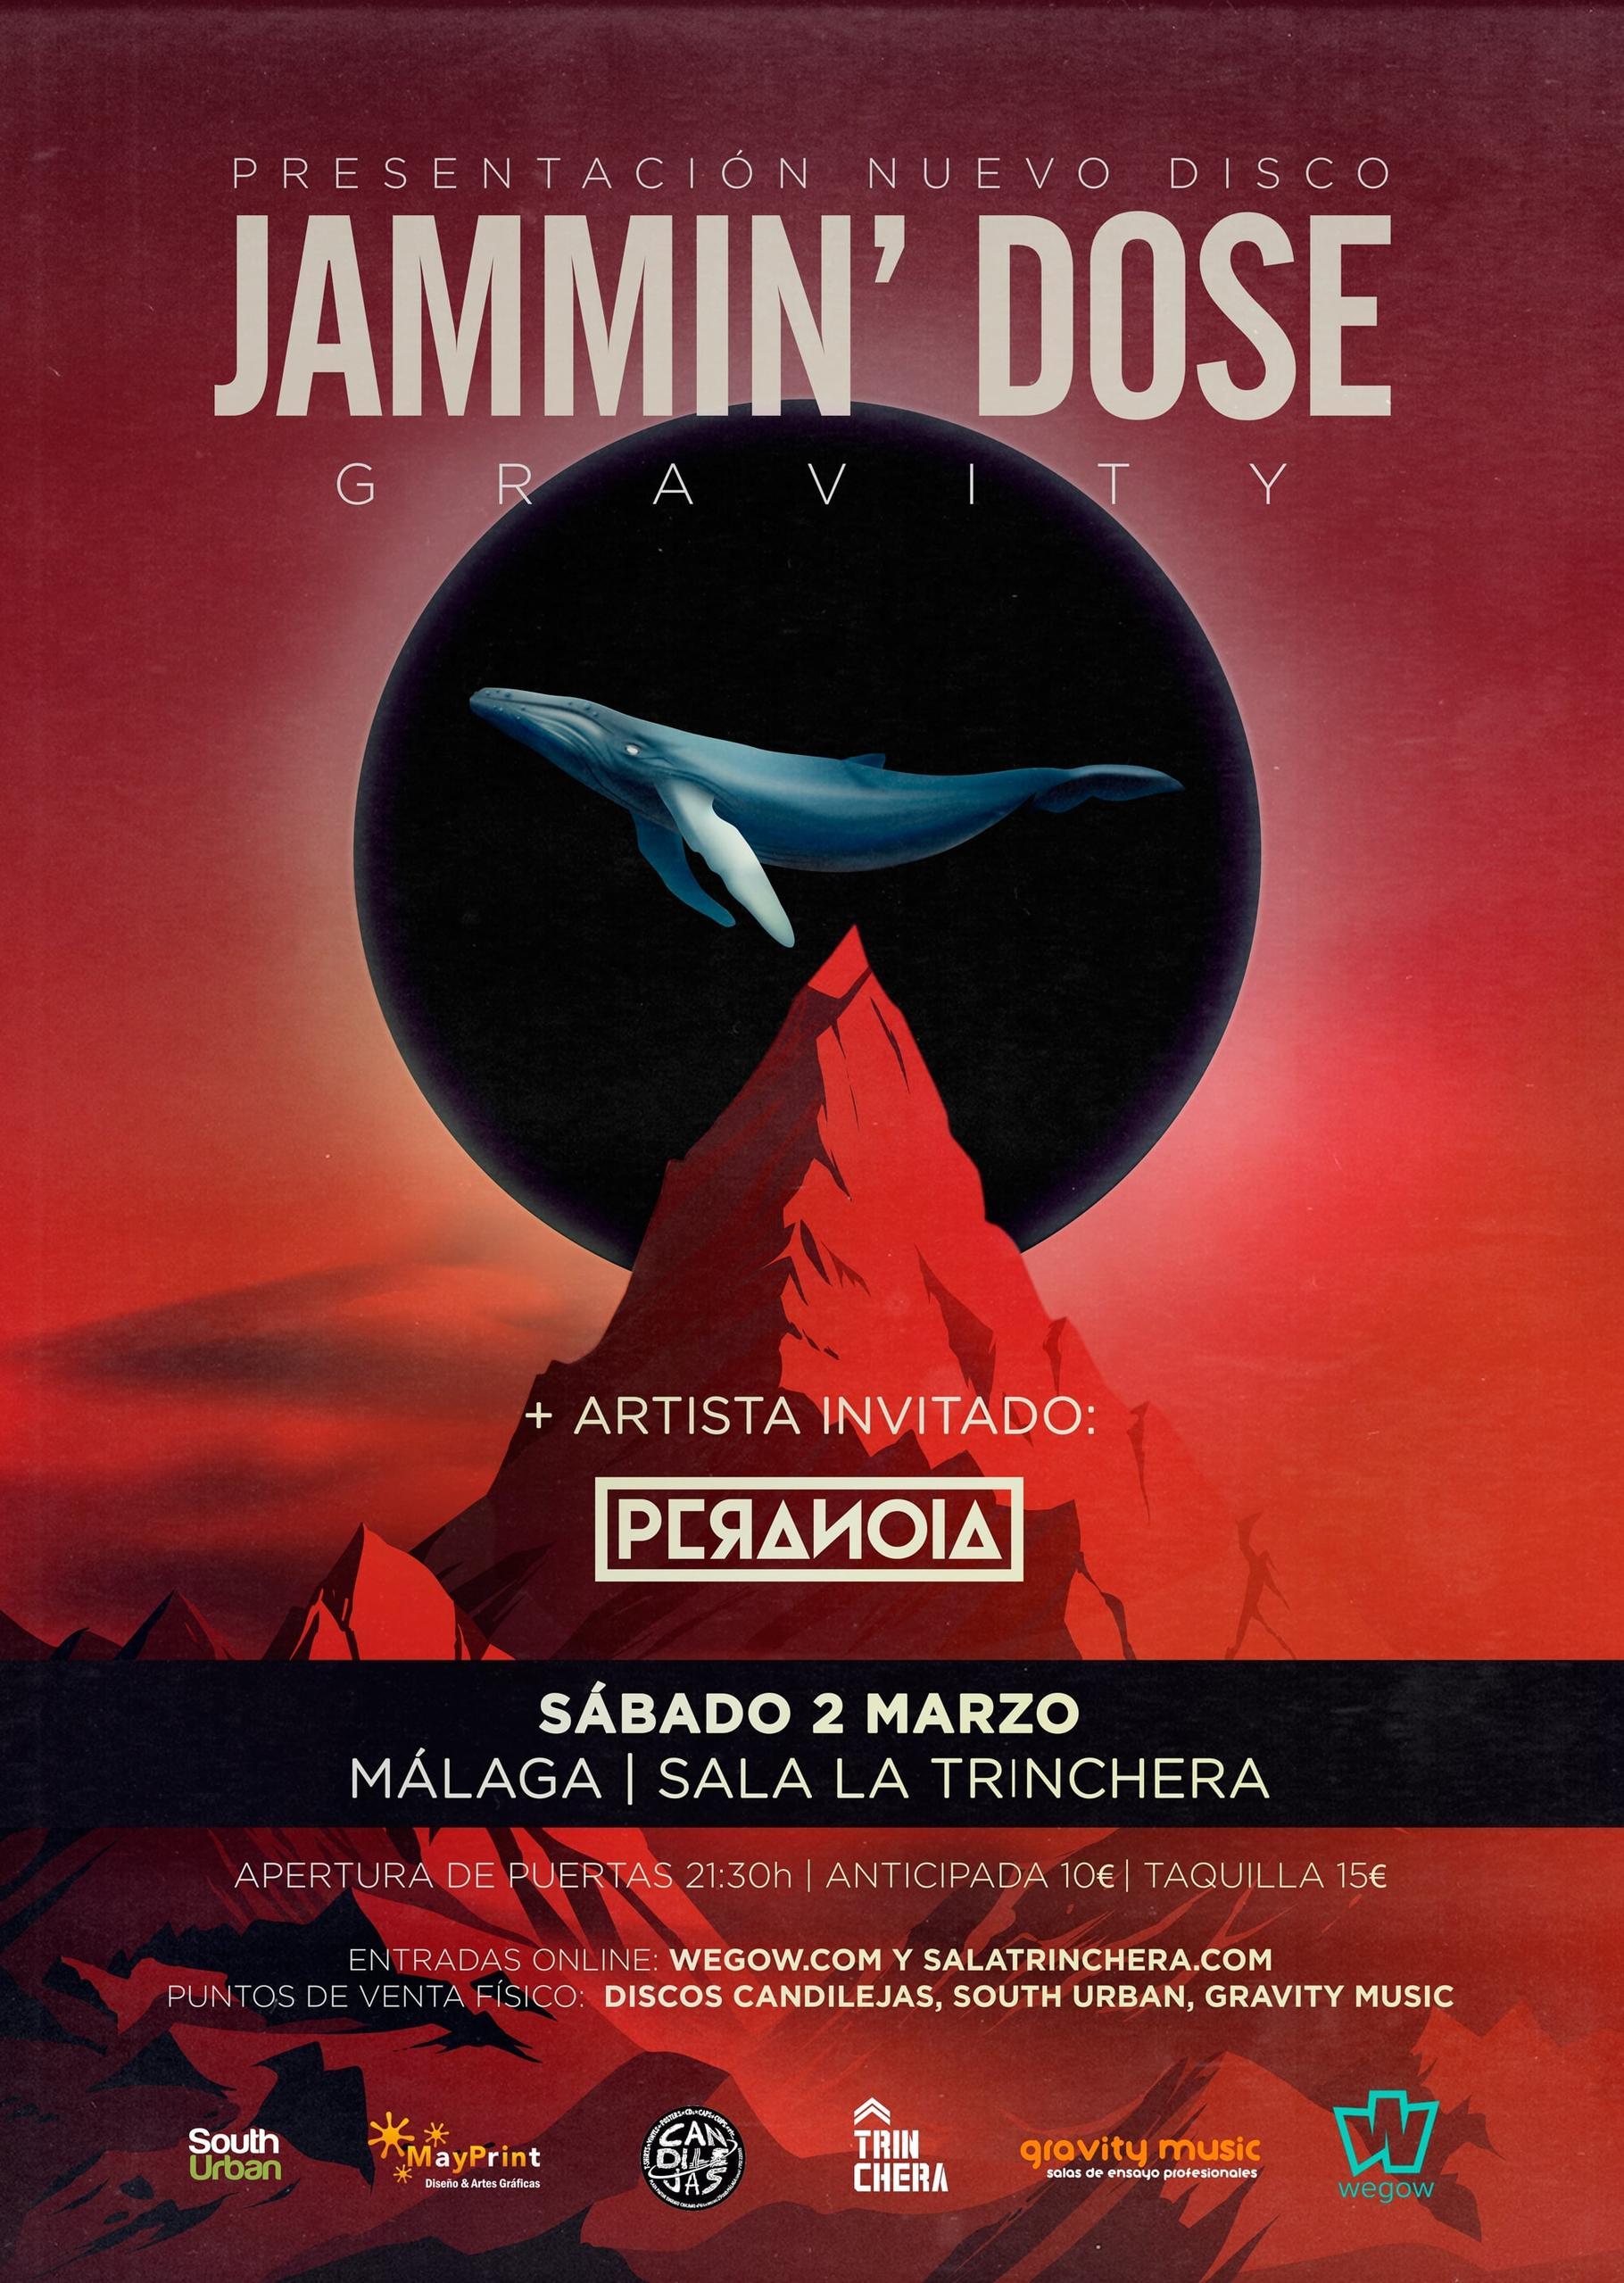 Concierto de Jammin' Dose en Málaga